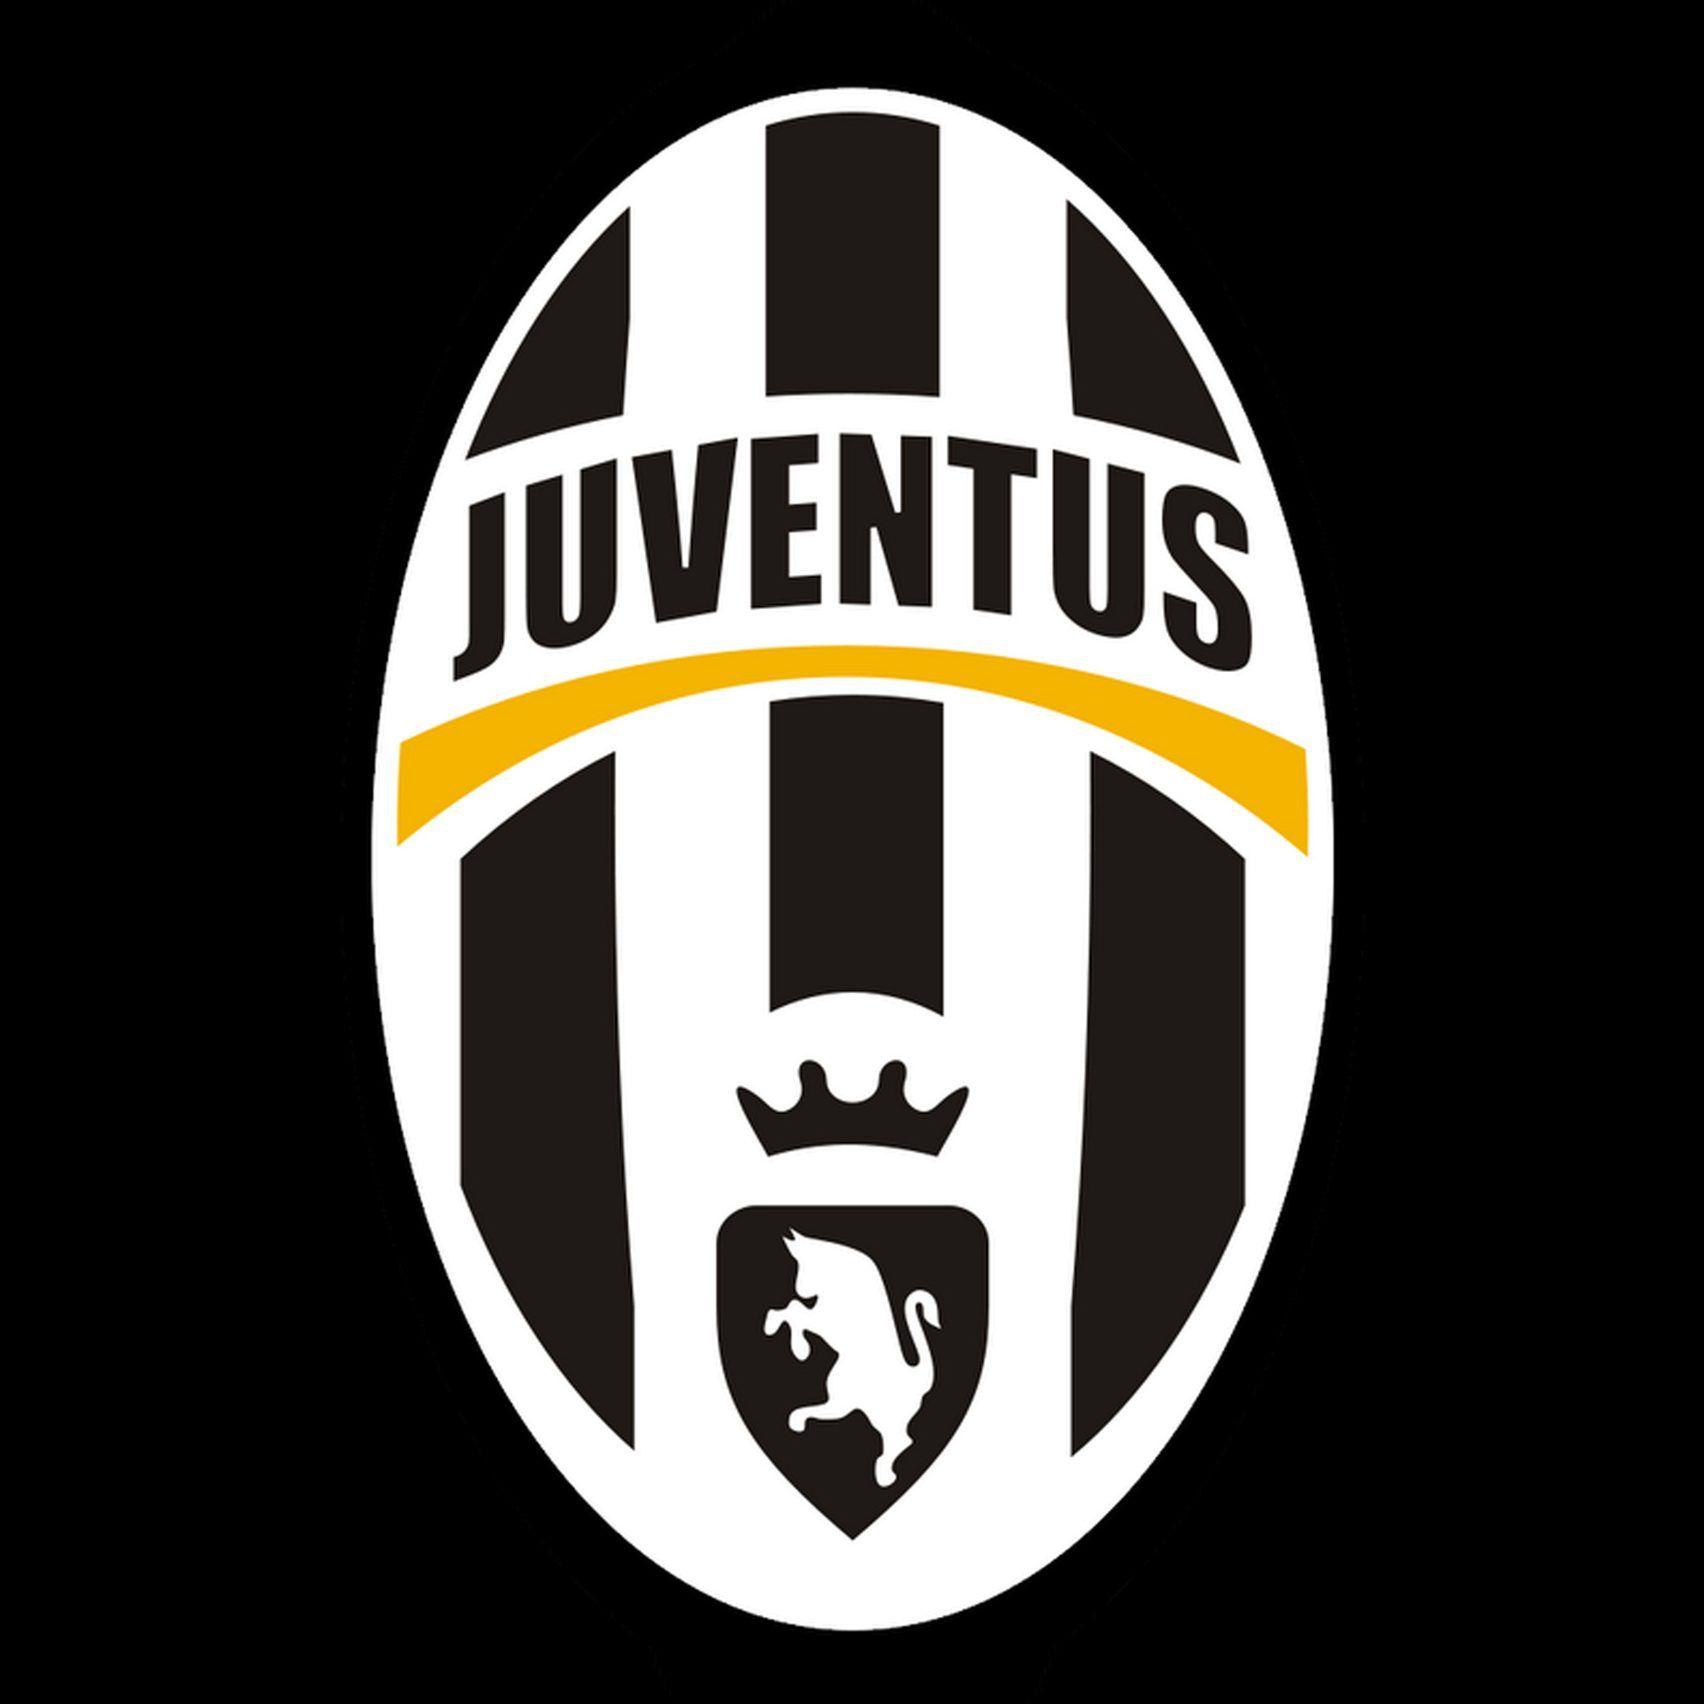 Juventus FC se enfrenta levantamiento del ventilador después del lanzamiento de un mínimo nuevo logotipo